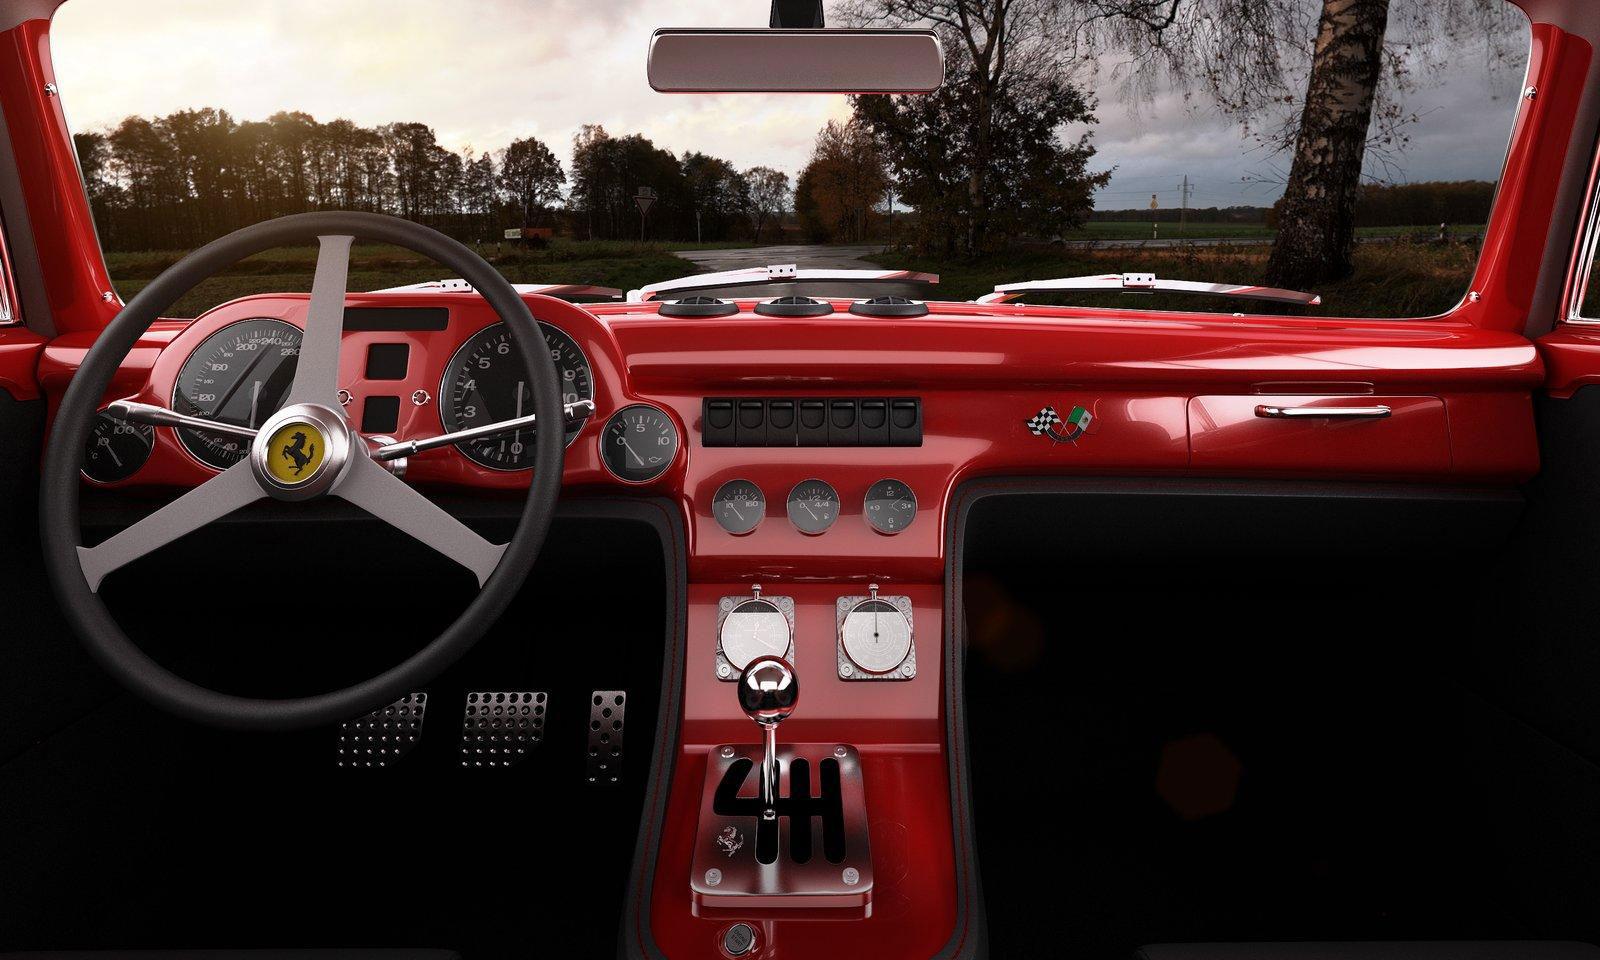 http://1.bp.blogspot.com/-ZiYfmvIH-5I/TokAxm83xEI/AAAAAAAACPk/a9USL7nQbwU/s1600/Ferrari-340-Competizione-wallpaper-interior-dashboard-details.jpg